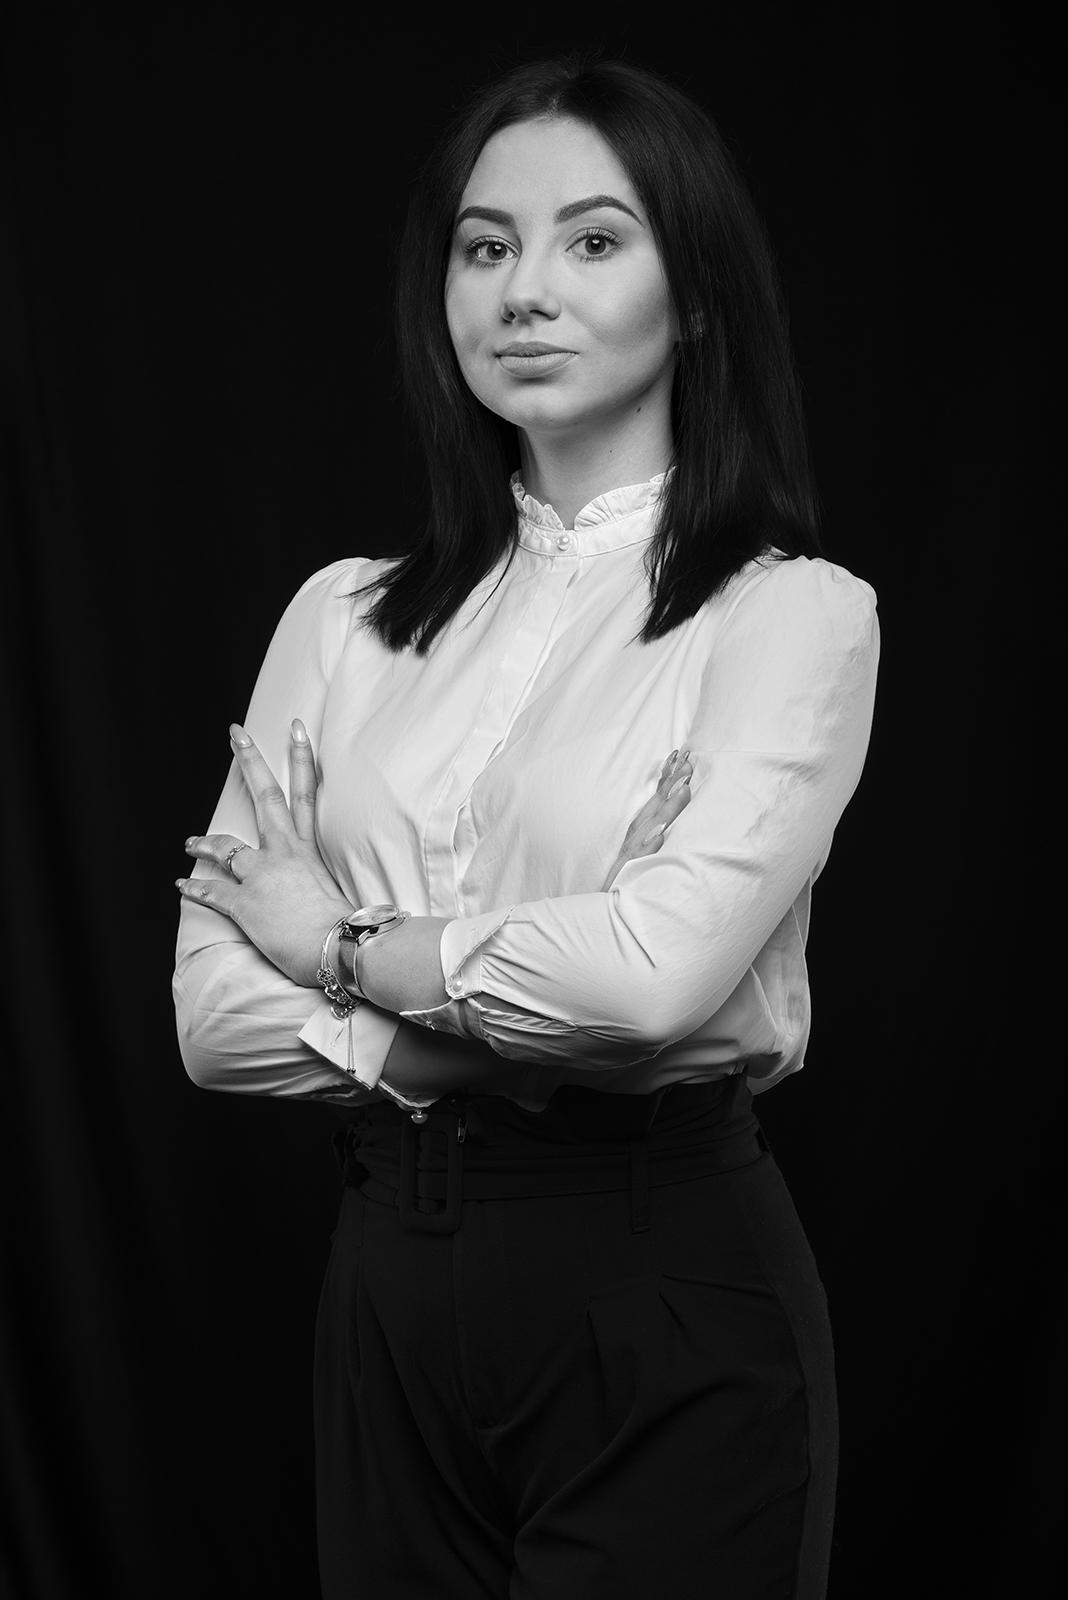 Marlena Baran